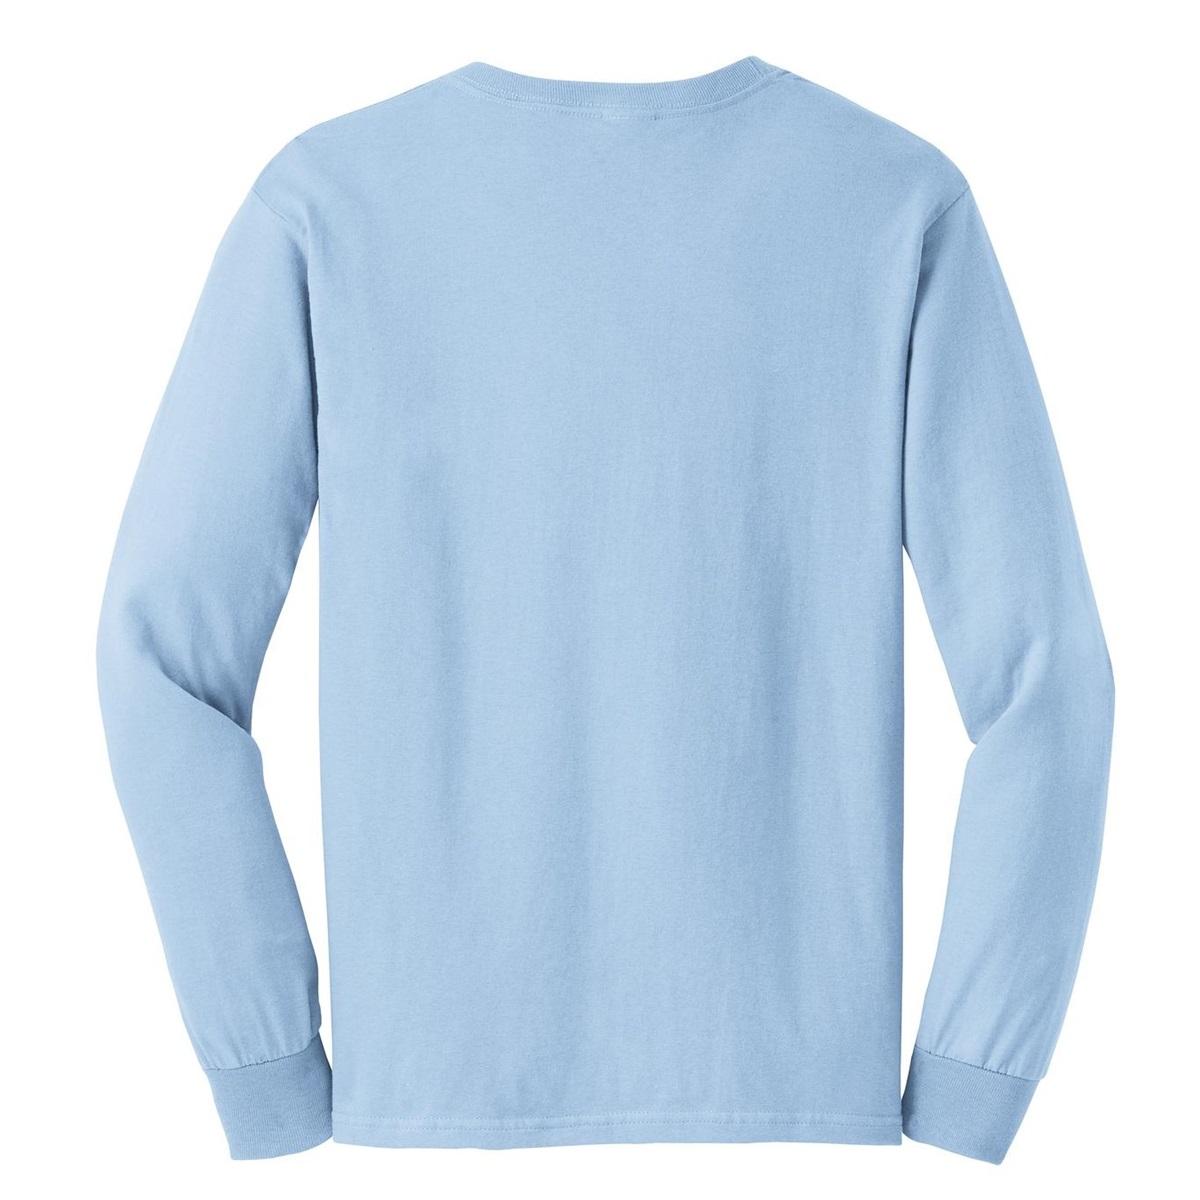 Gildan G2400 Ultra Cotton Long Sleeve T-Shirt - Light Blue ...